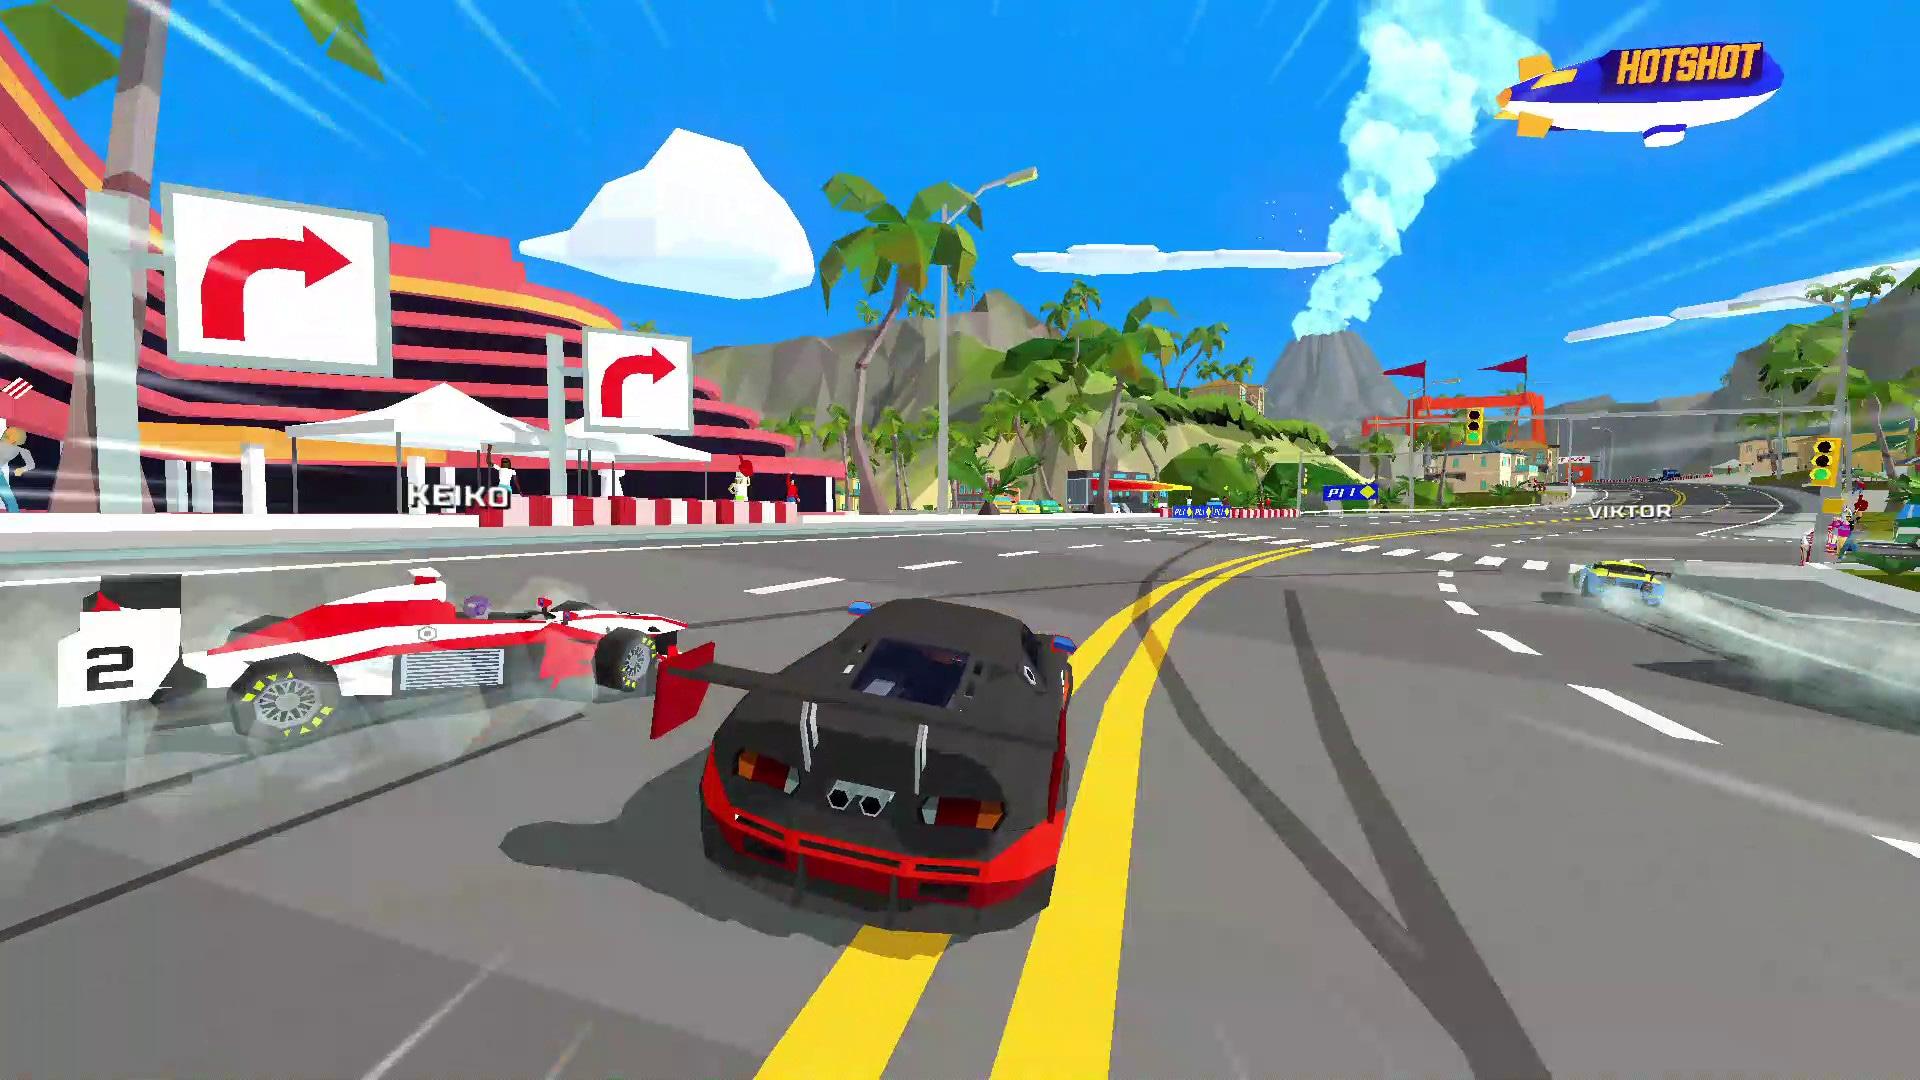 Hotshot Racing (PC) - Steam Key - GLOBAL - 3